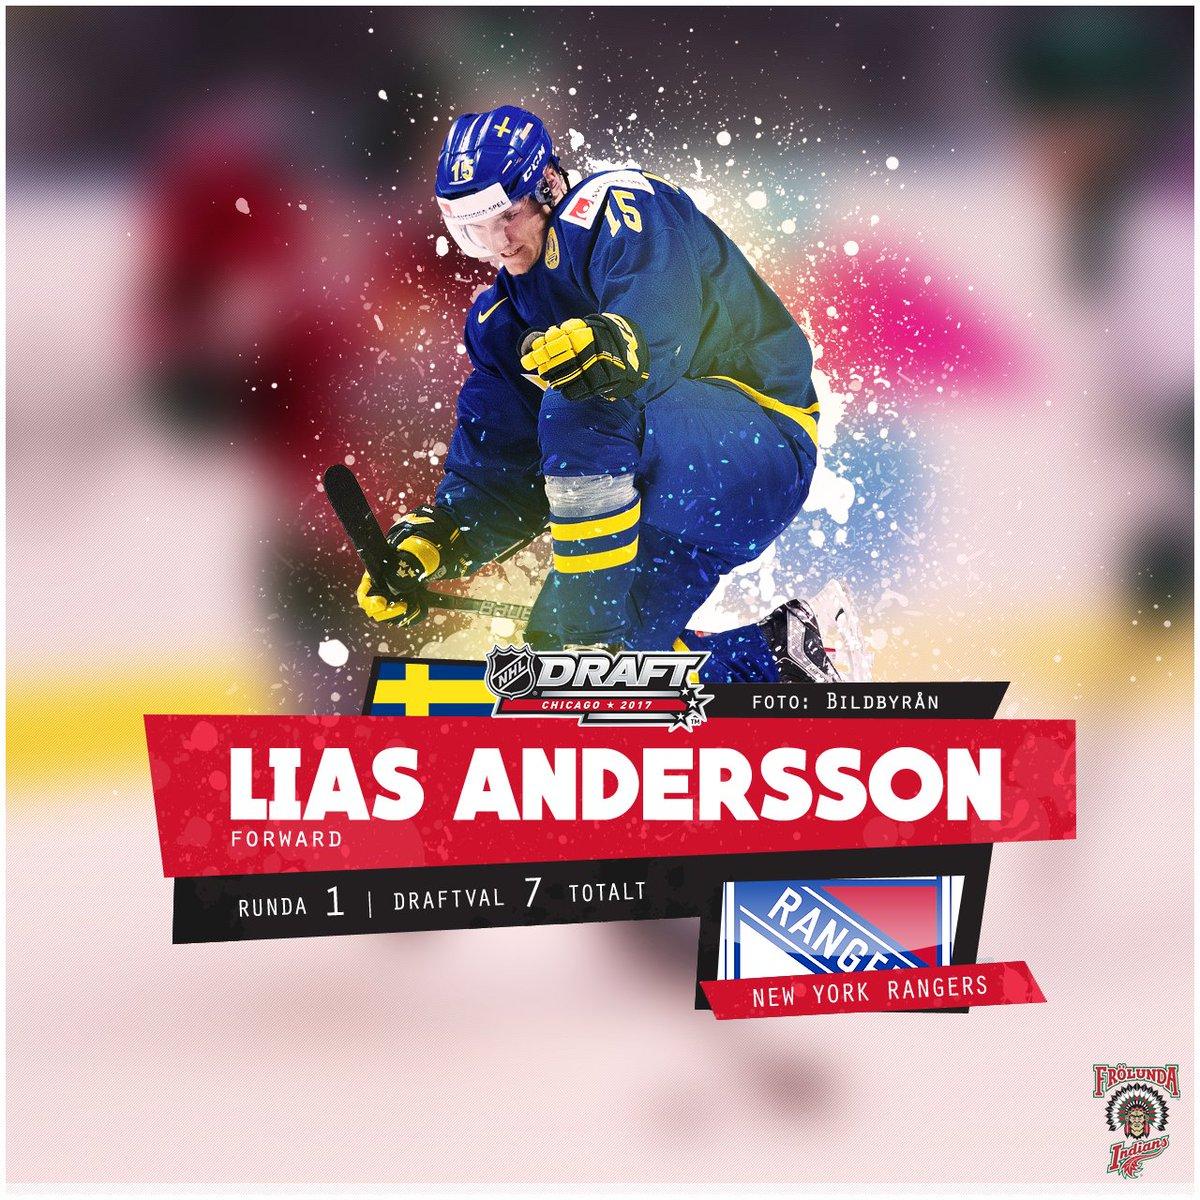 GRATTIS LIAS! Lias Andersson blir vald av New York Rangers i draftens...